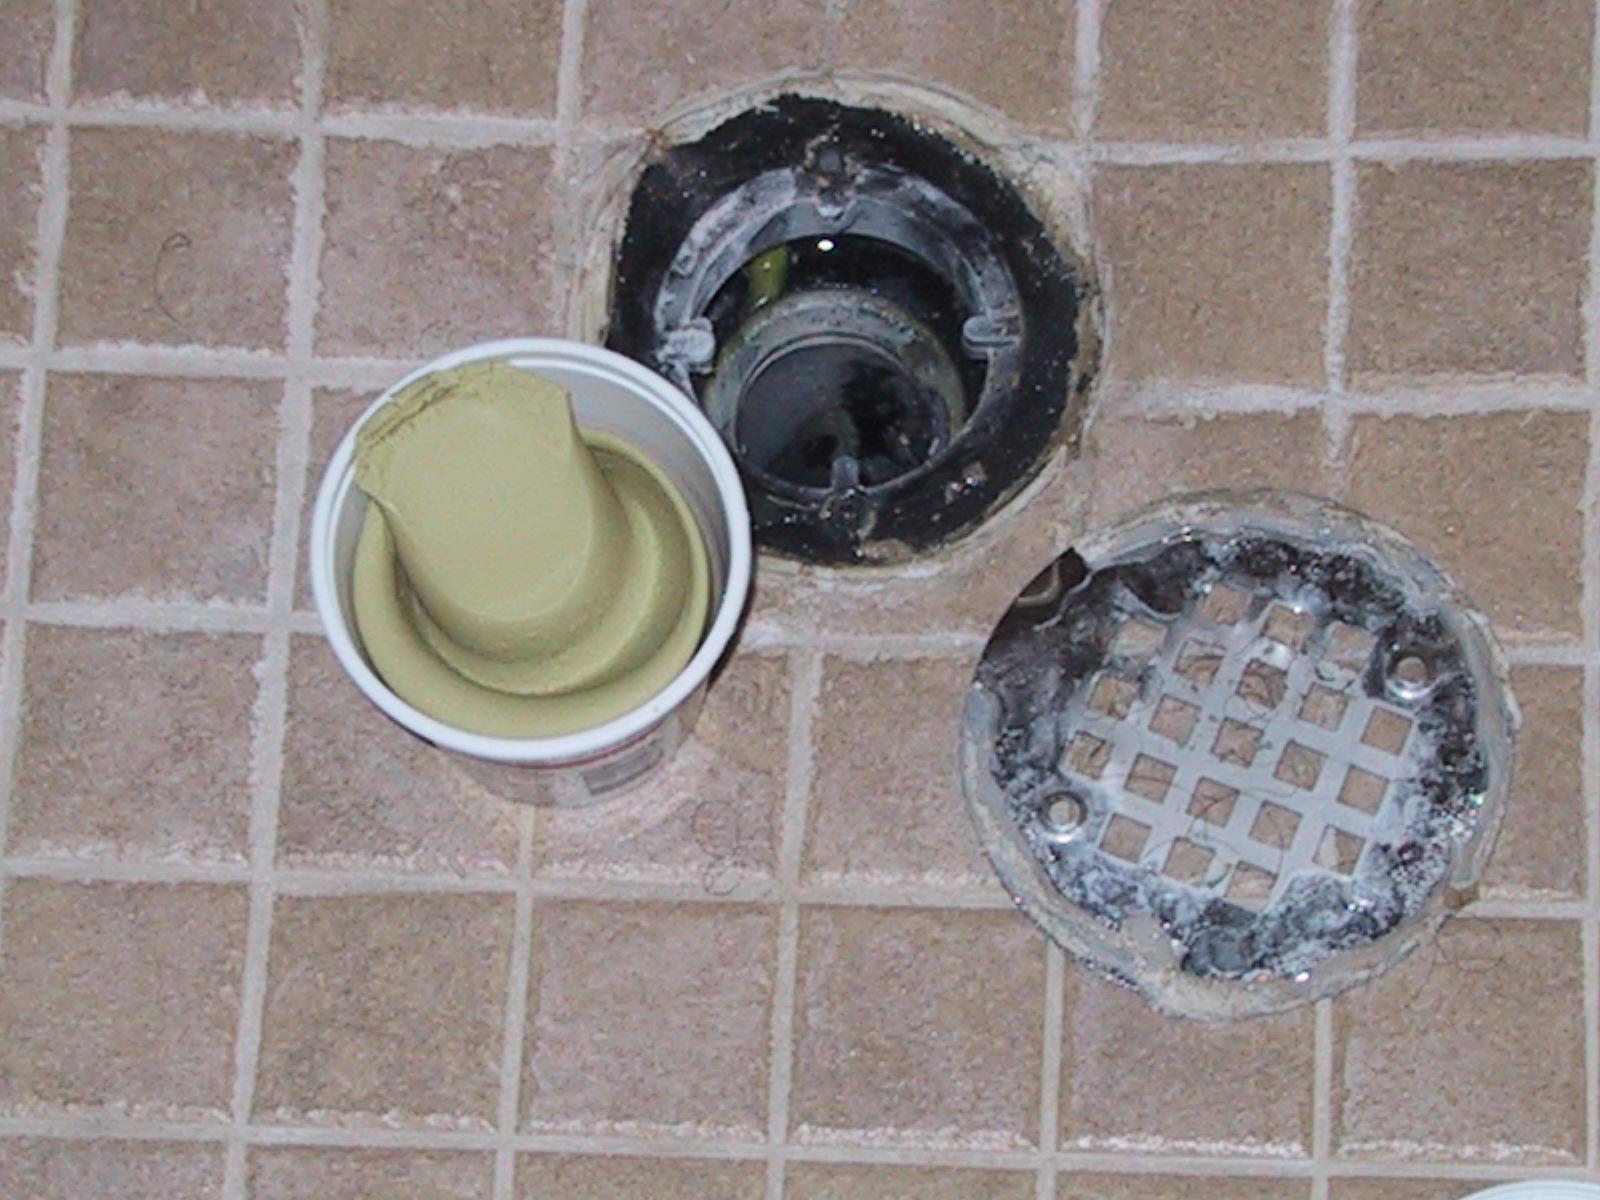 Basement Shower Drain Clogged